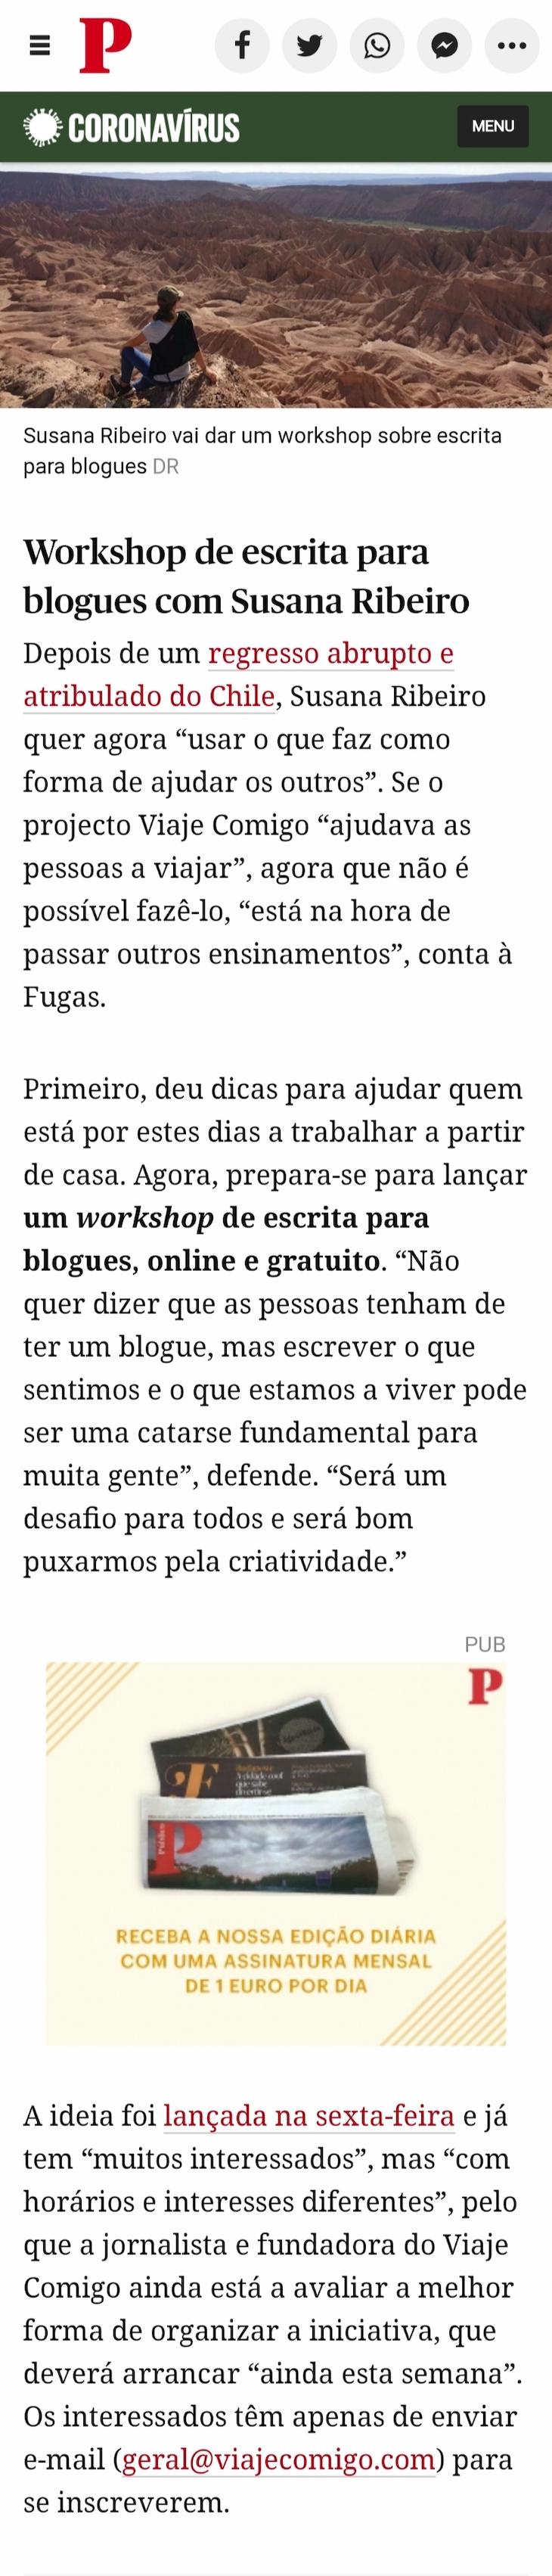 Viaje Comigo - Workshop Escrita na Fugas - Público